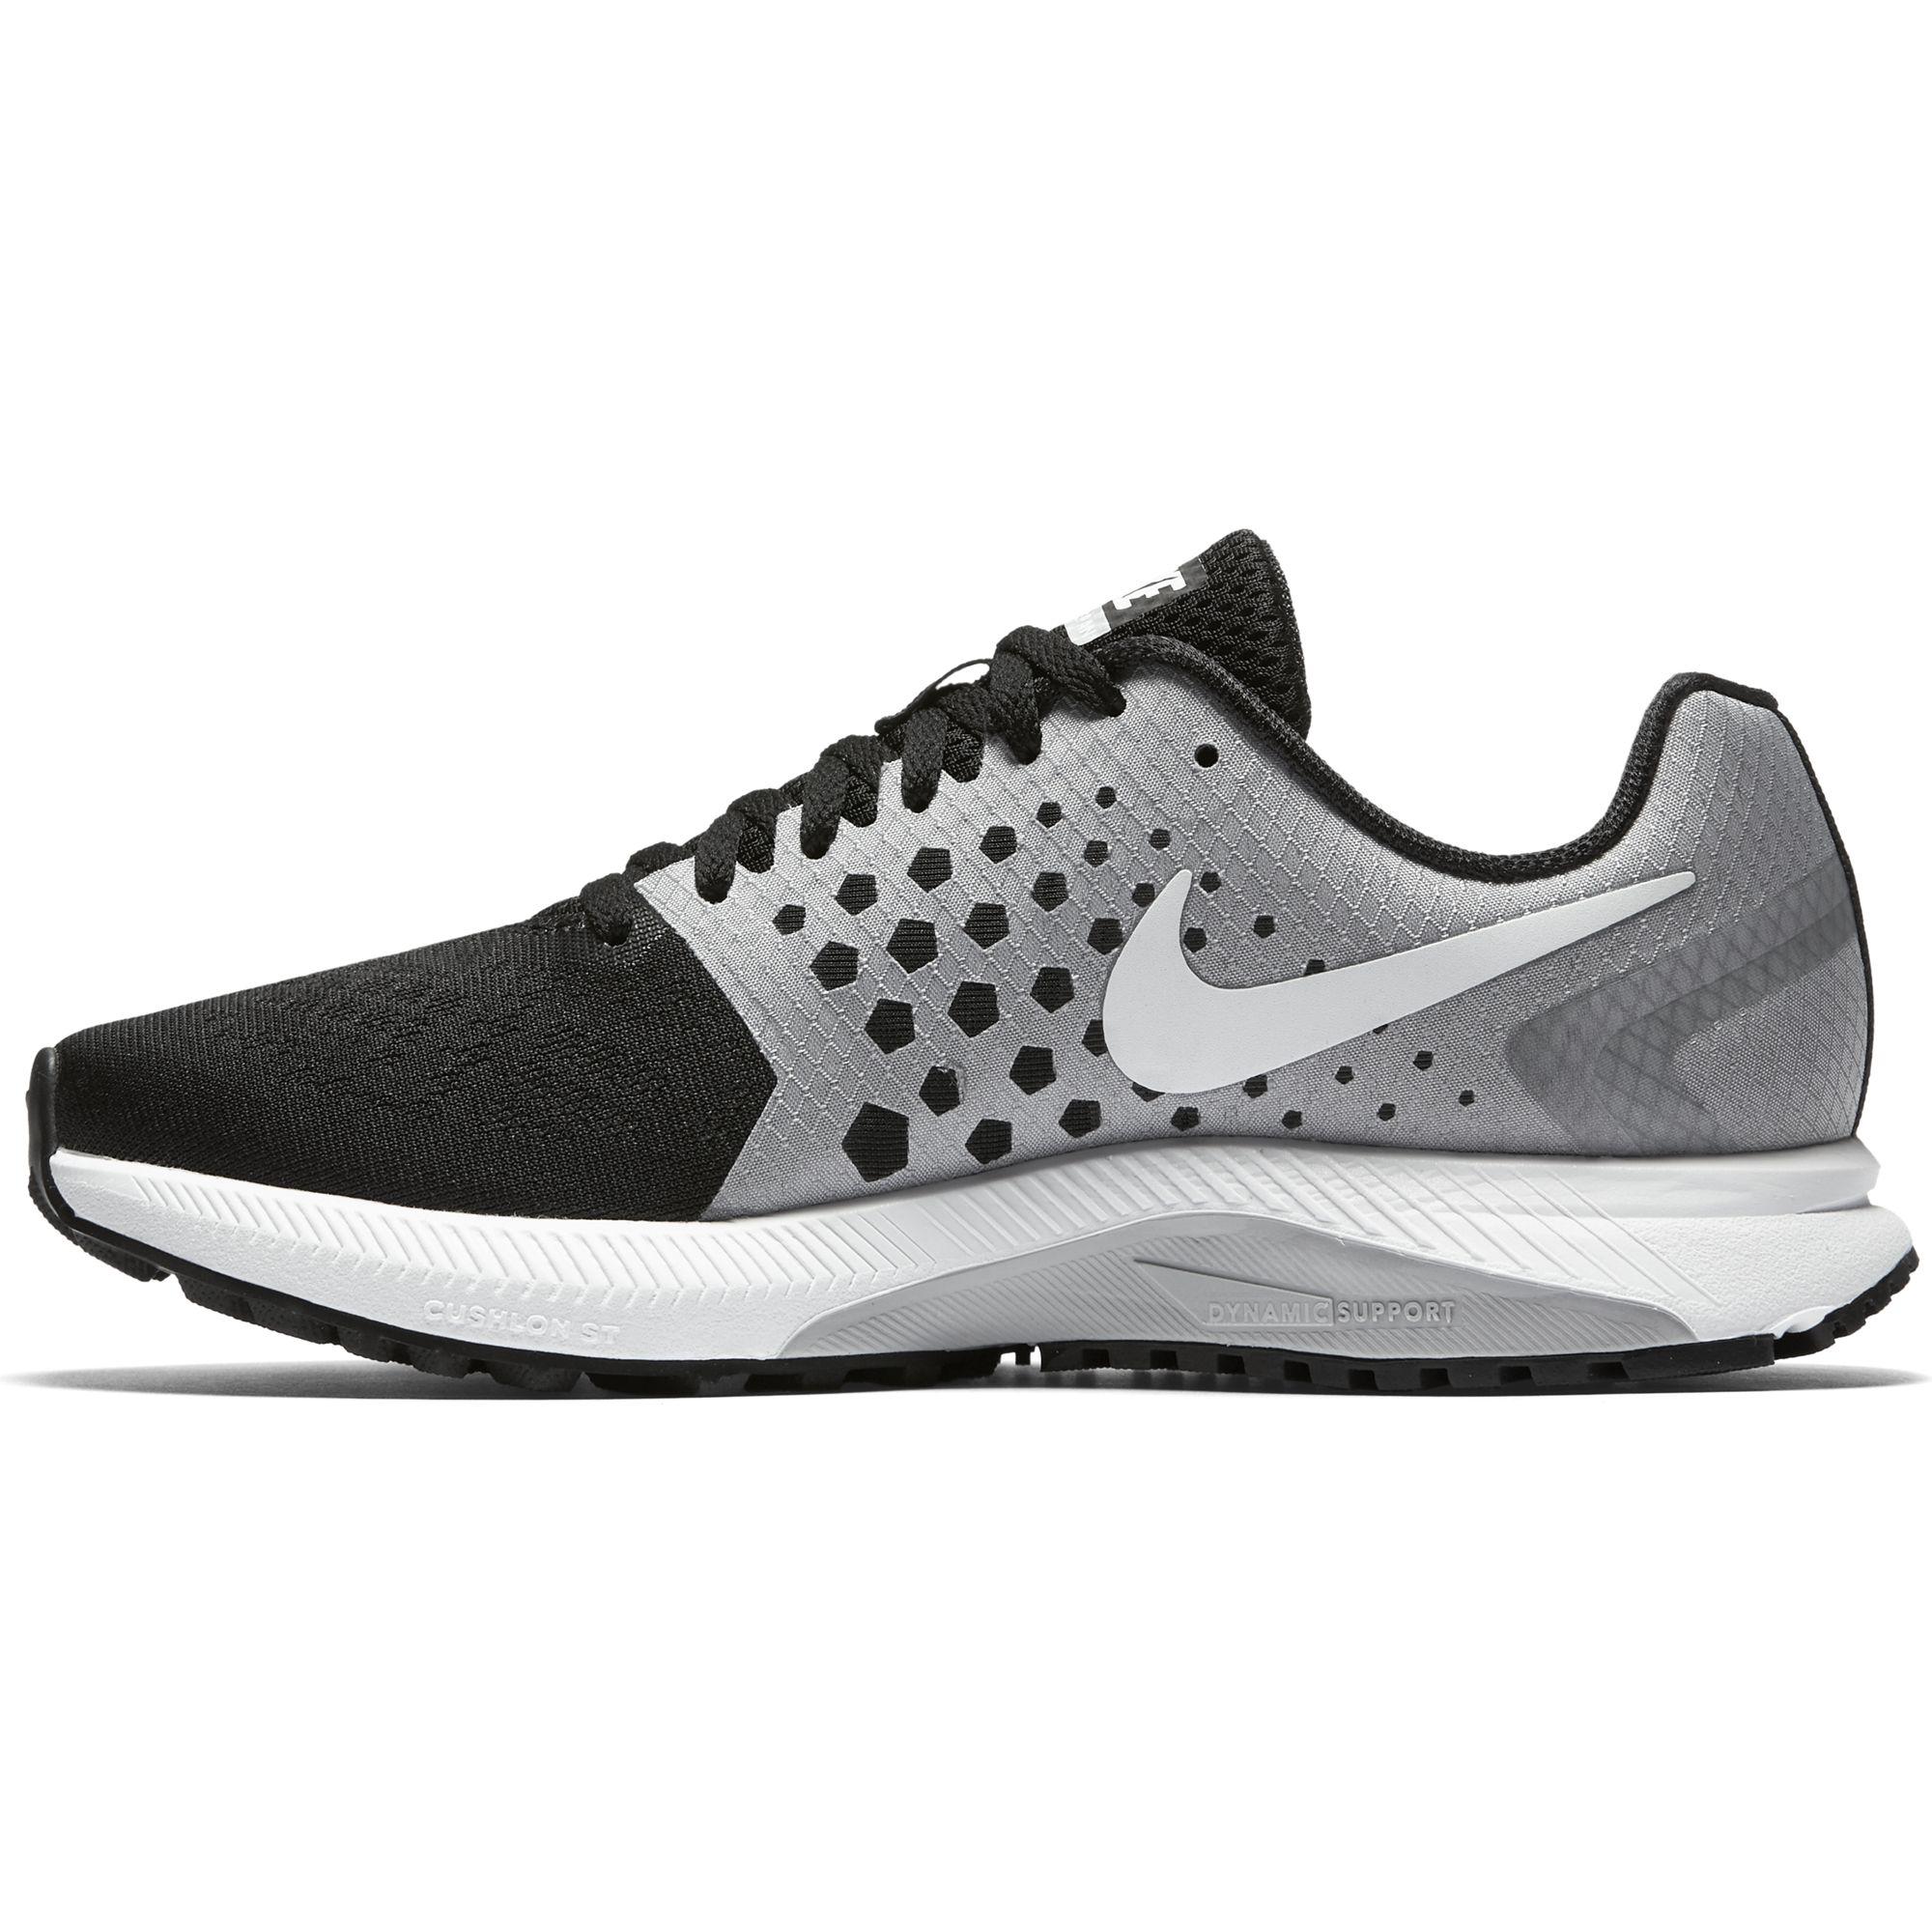 a6395384 buty Nike Zoom Span Wmns 852450 003 || timsport.pl - Darmowa Dostawa